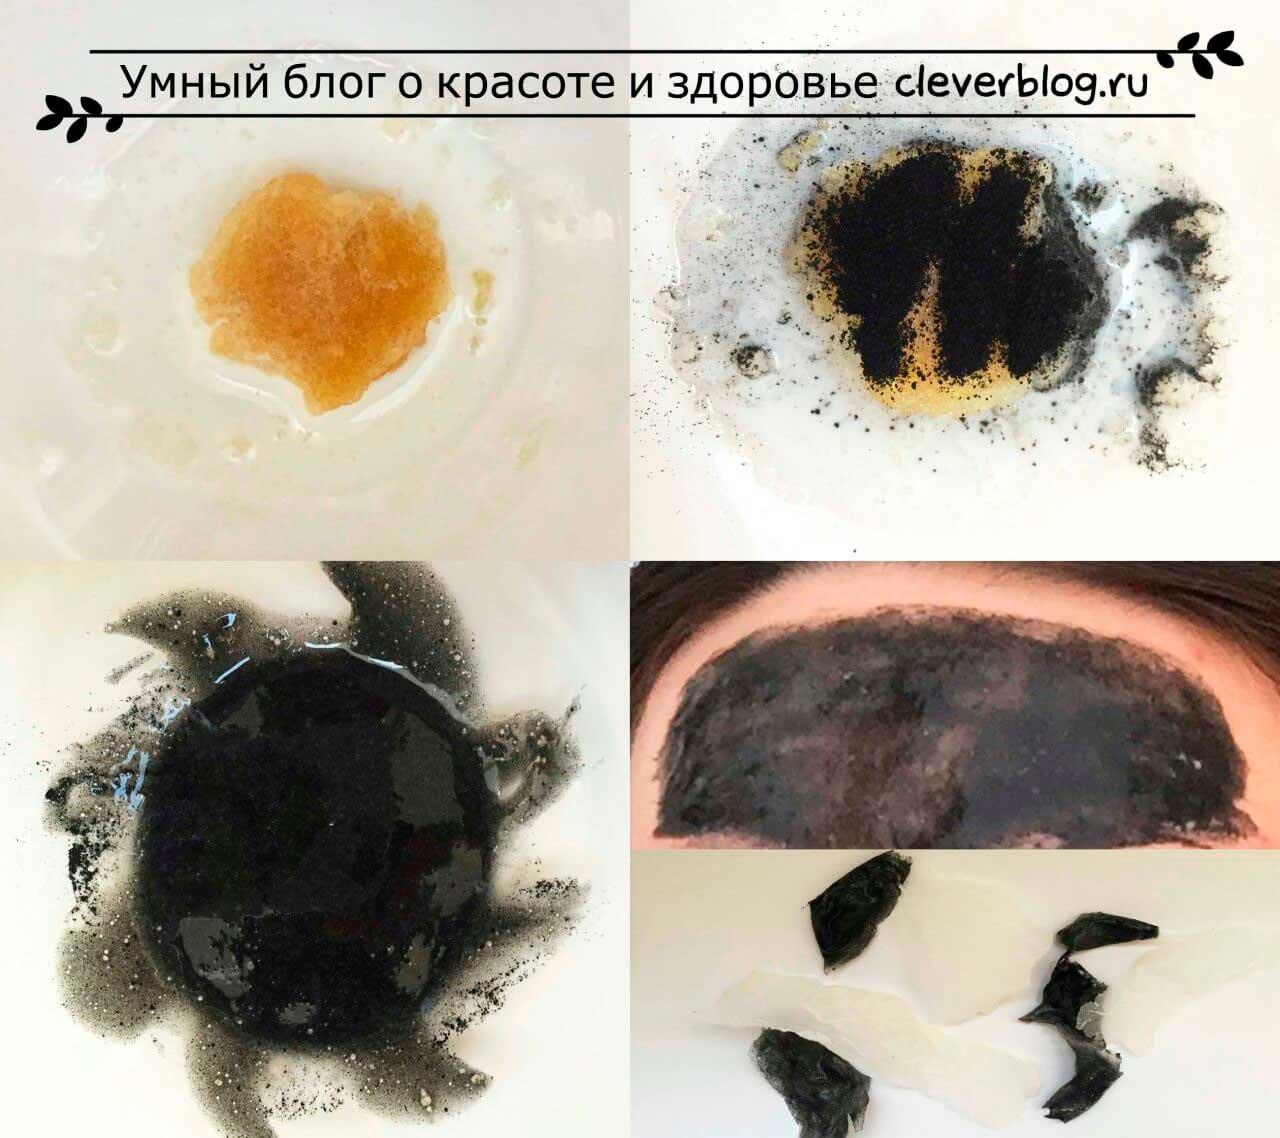 Маска от черных точек - 17 вариантов масок в домашних условиях 10